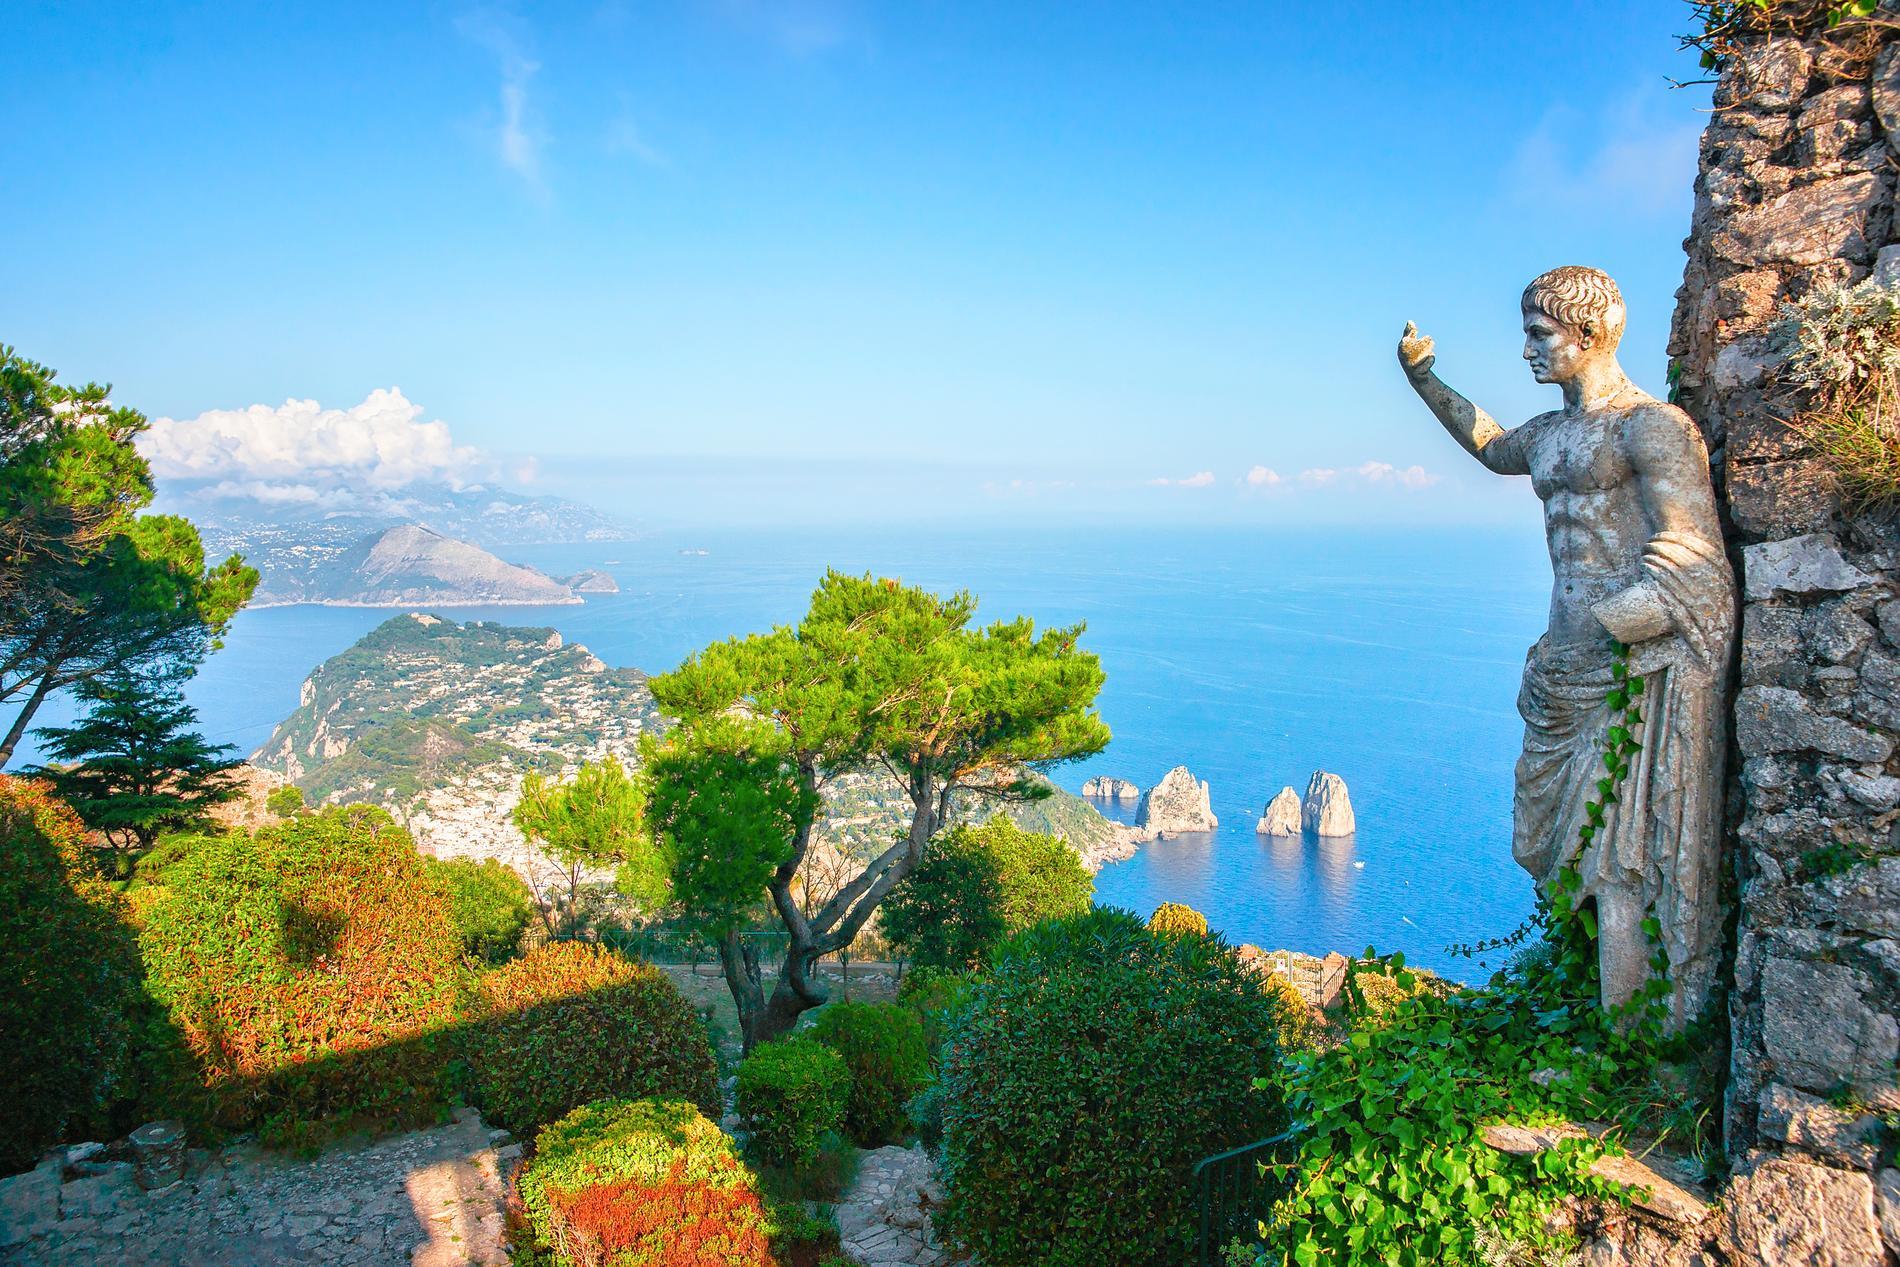 På Capri finns fantastiska utsikter.